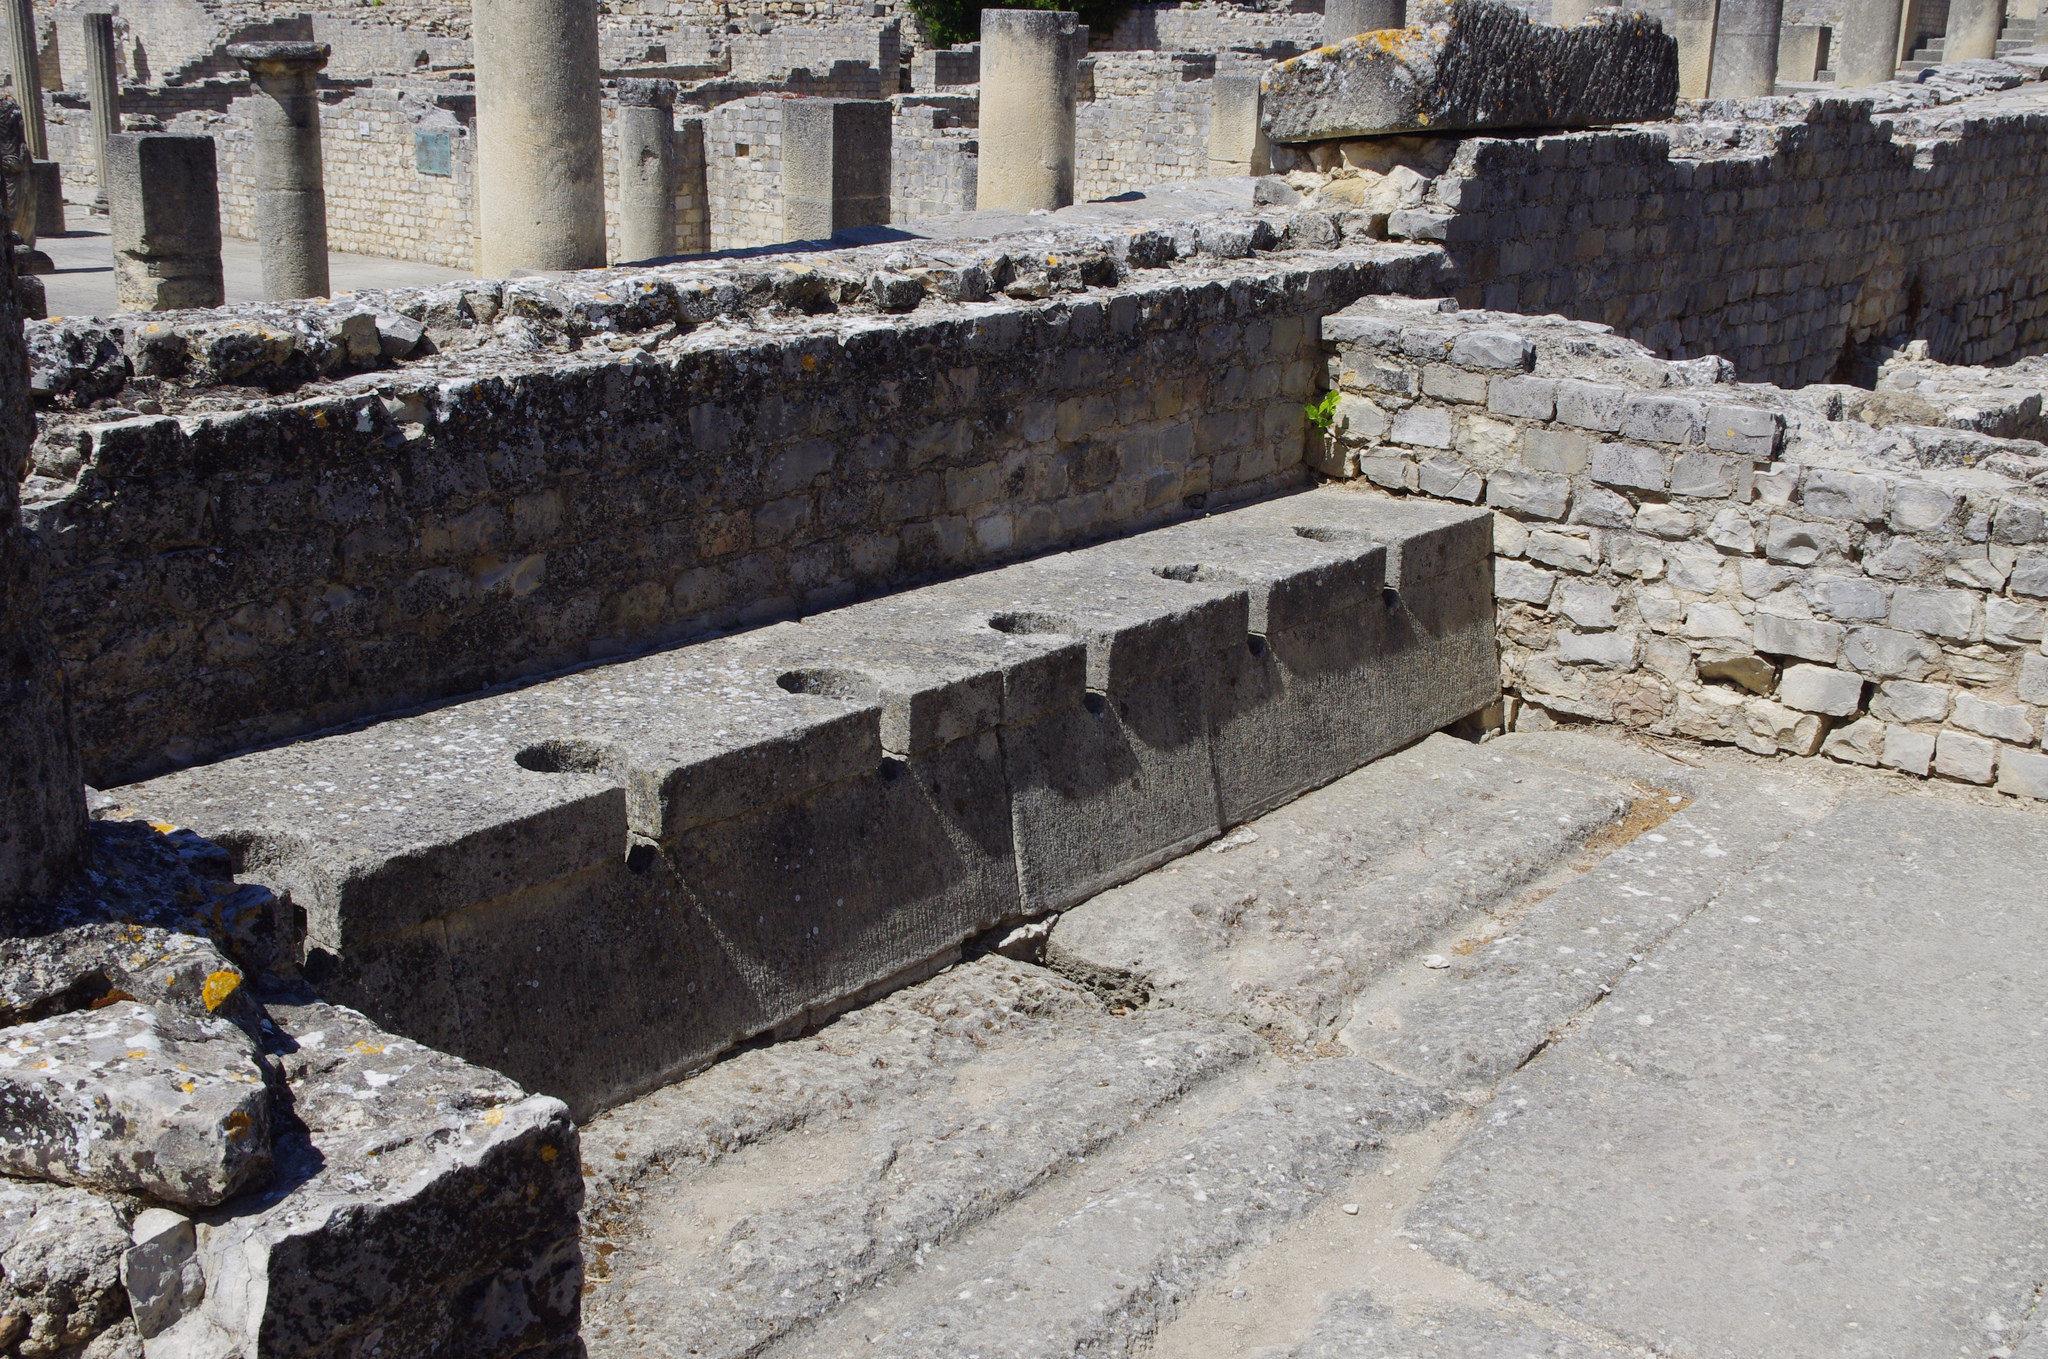 Les toilettes publiques dans le quartier de shopping de Vaison-la-Romaine antique